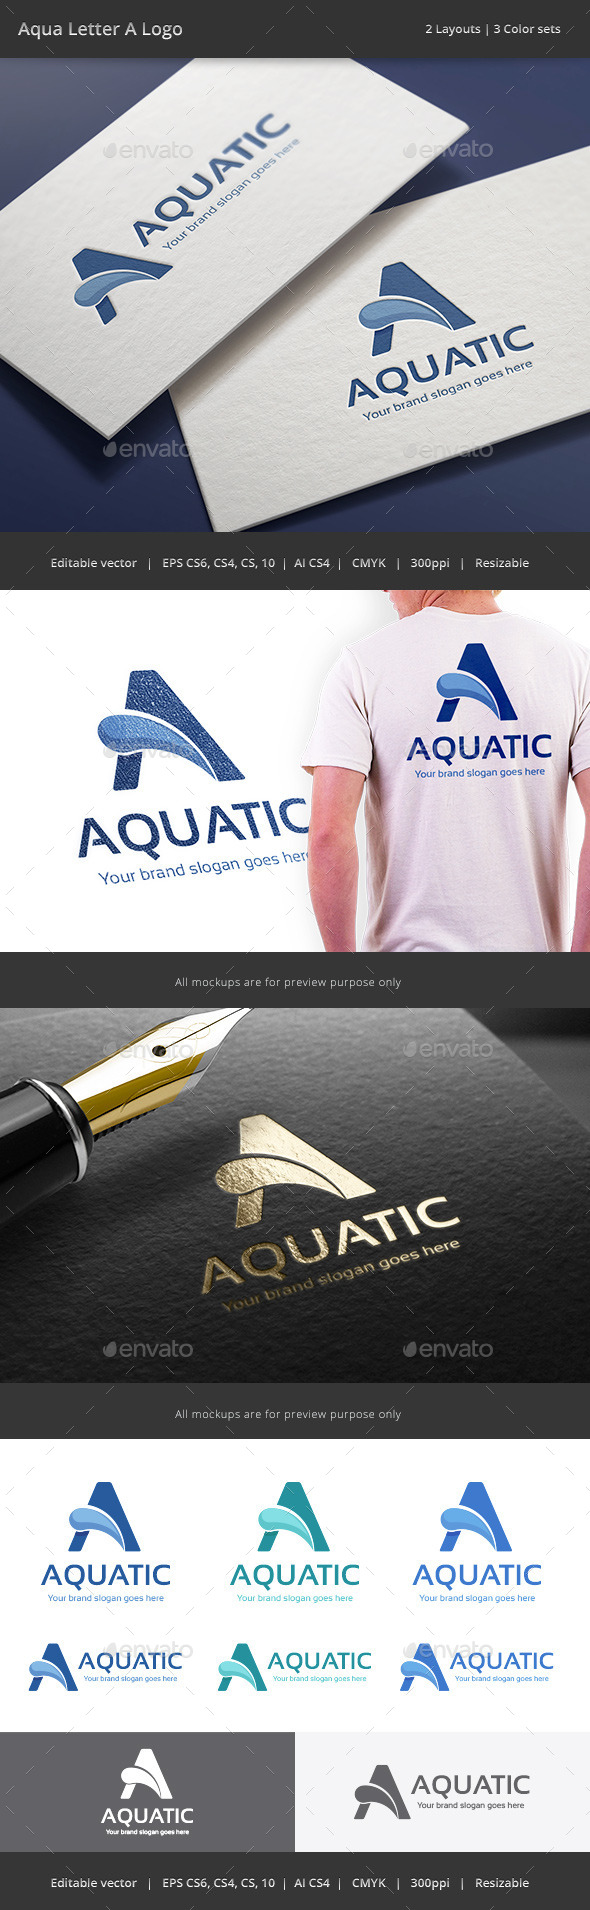 GraphicRiver Aqua Letter A Logo 8873121